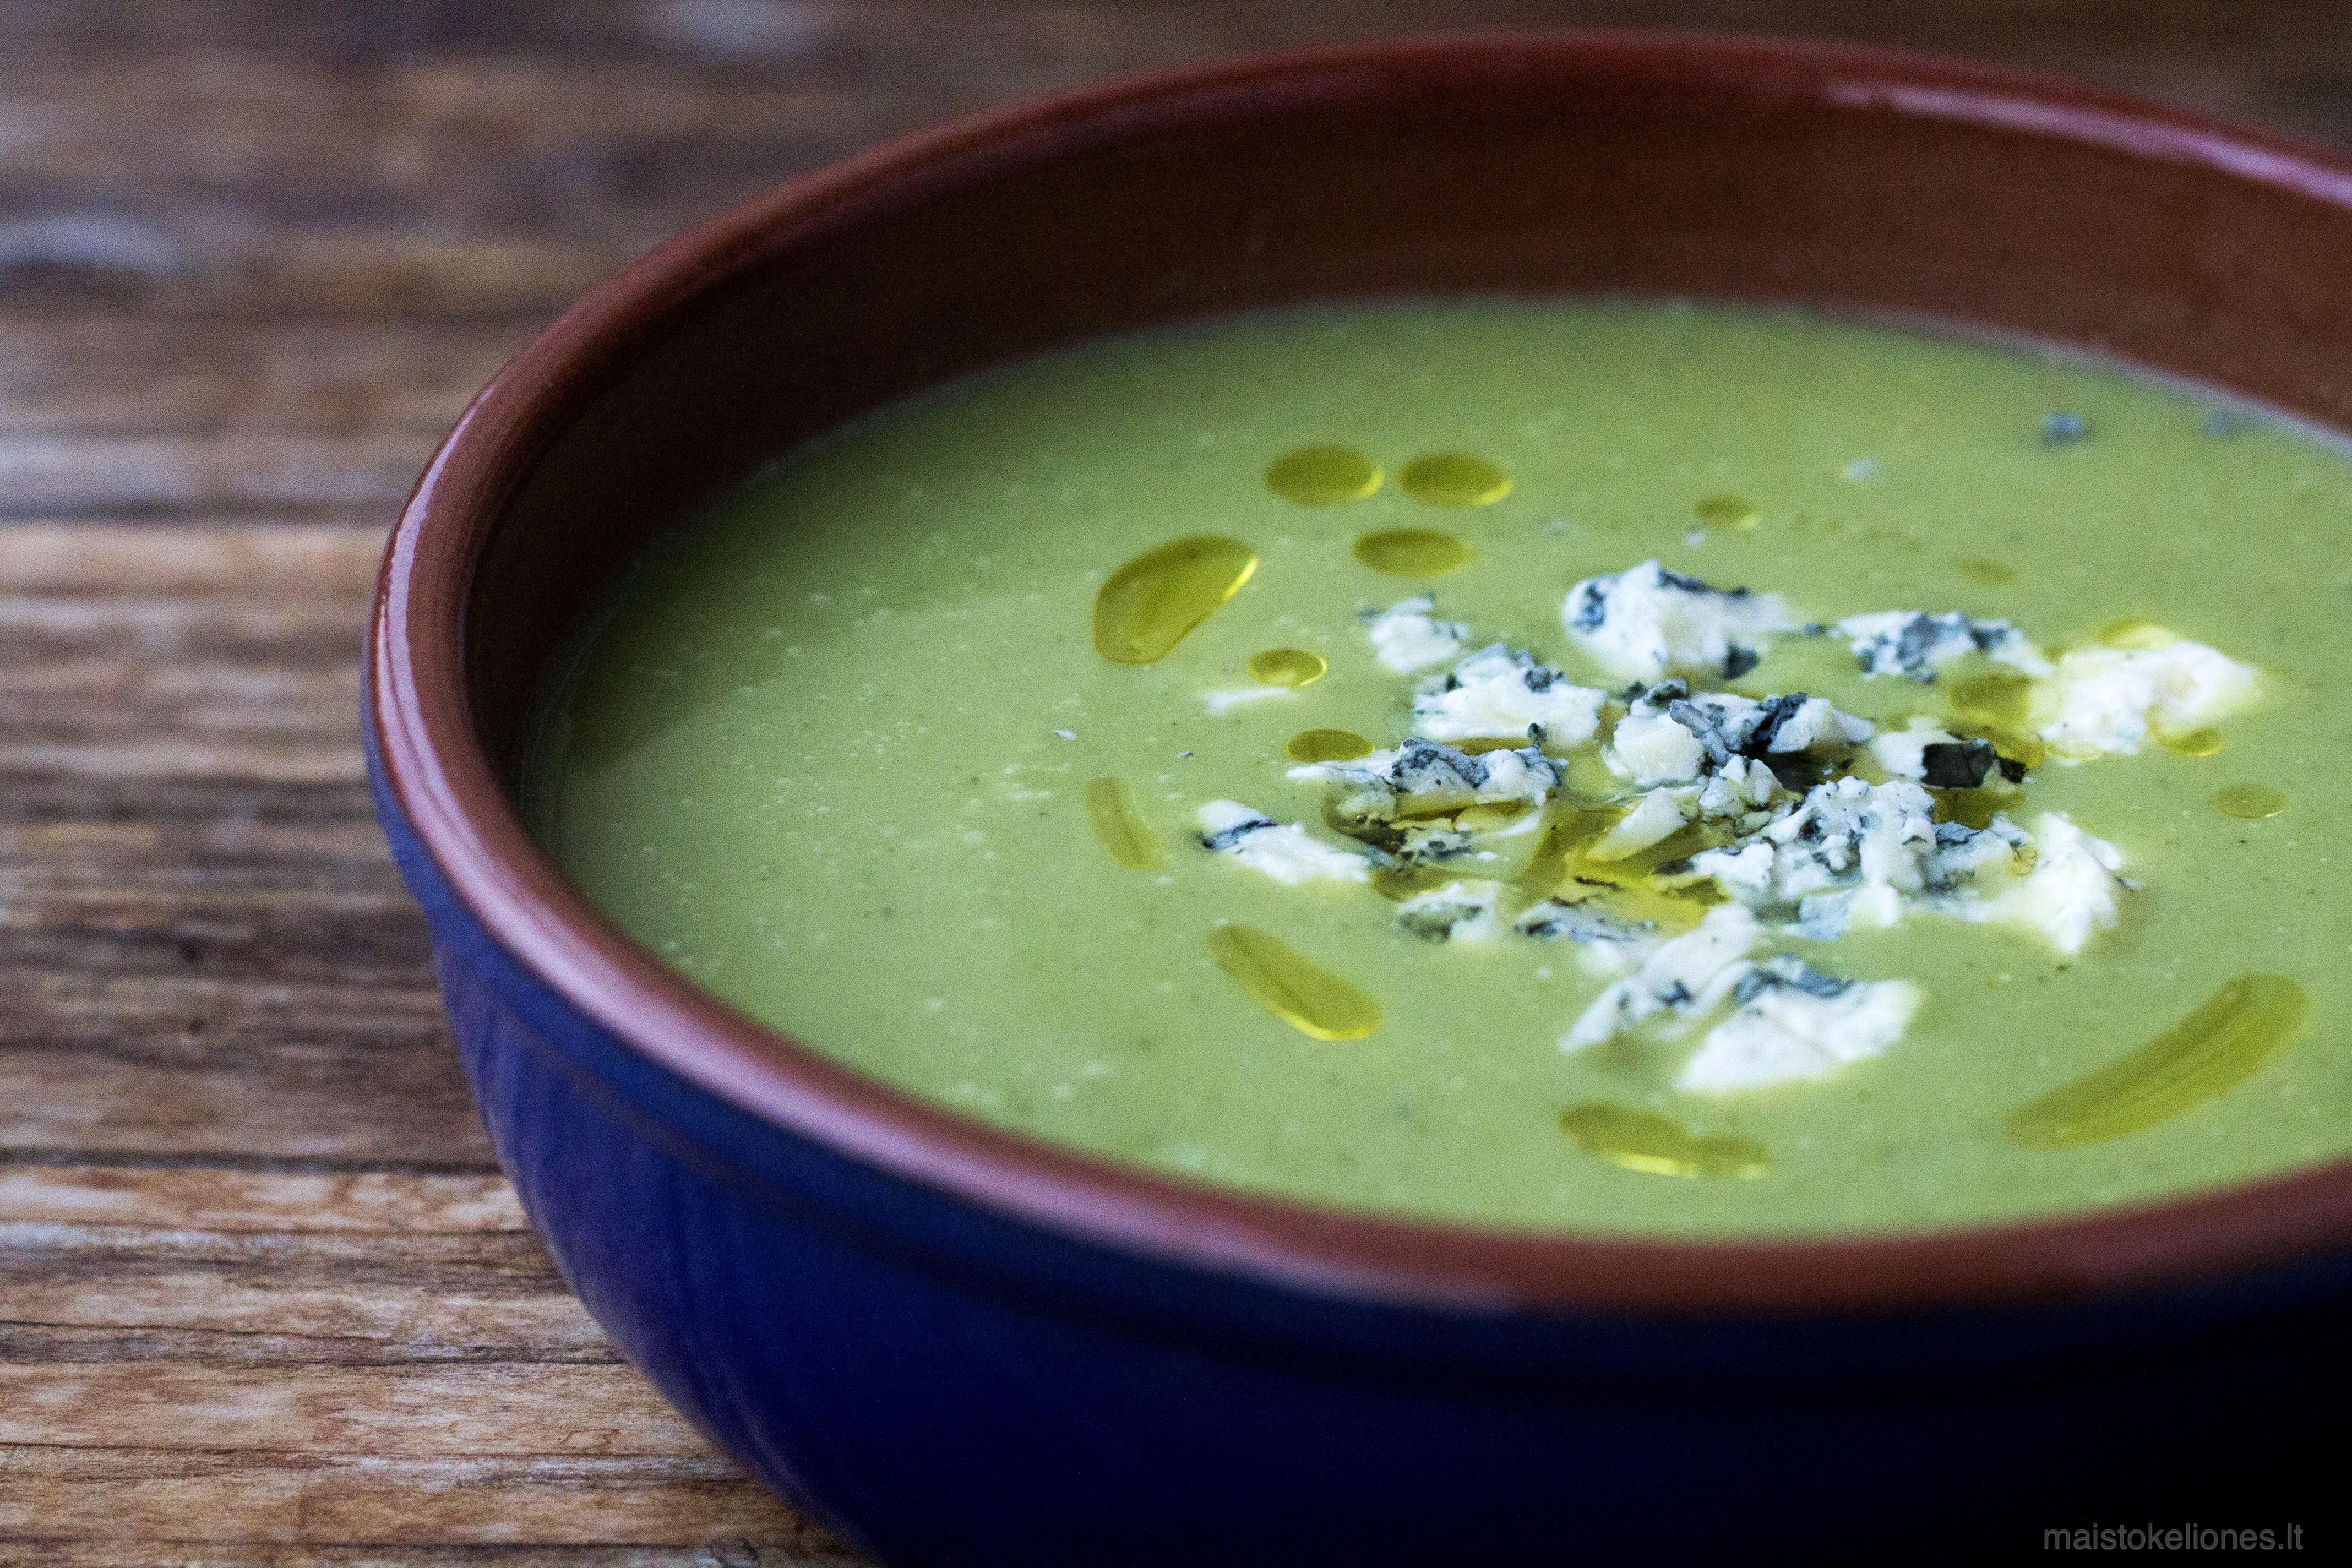 Brokolių sriuba su pelėsiniu sūriu